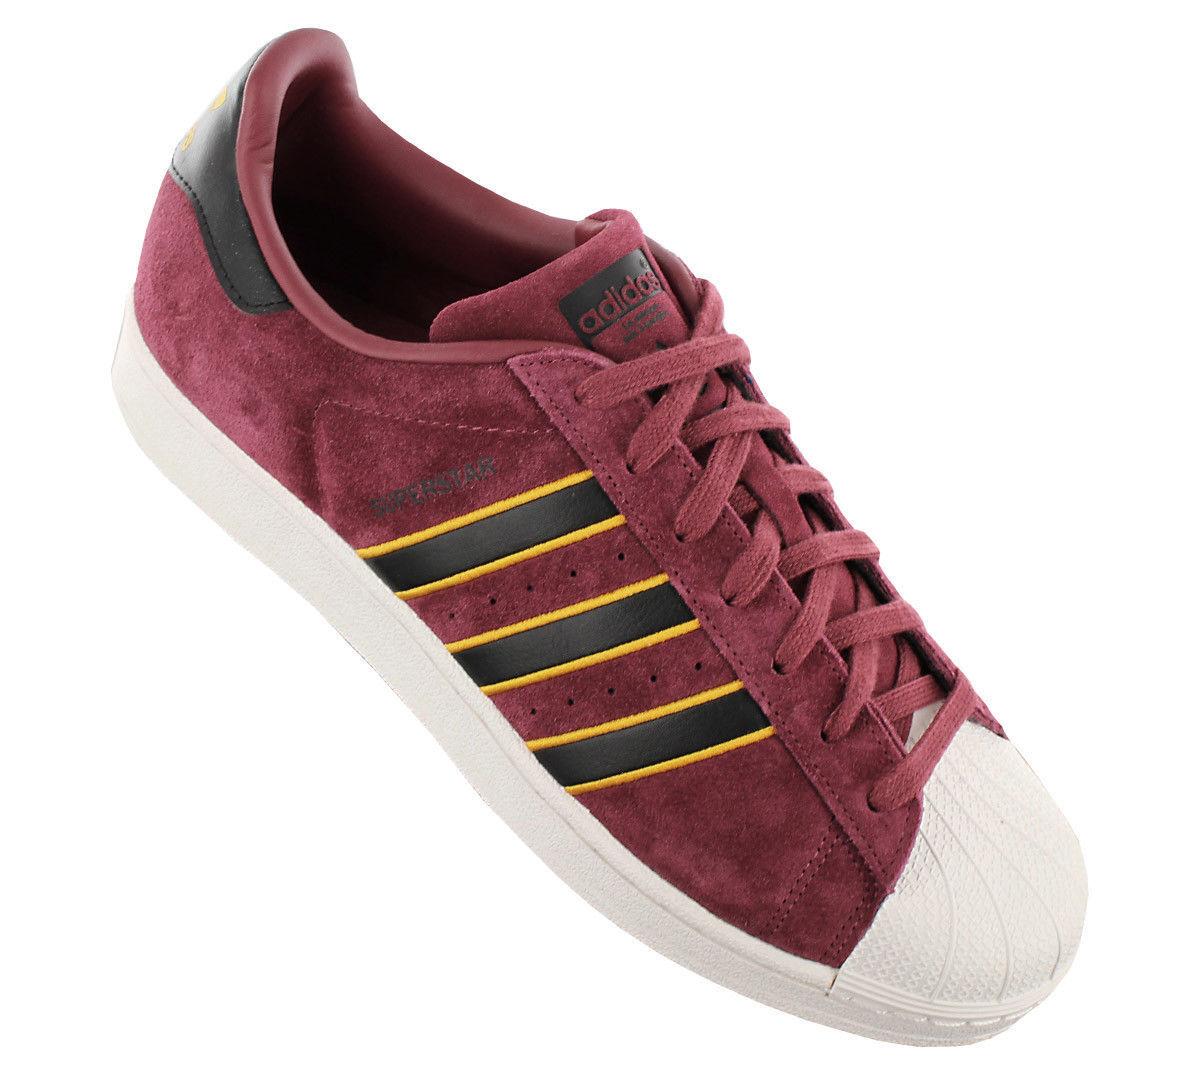 Adidas originale superstar 2 uomini originale Adidas allenatori scarpe borgogna cm8079 f75c18